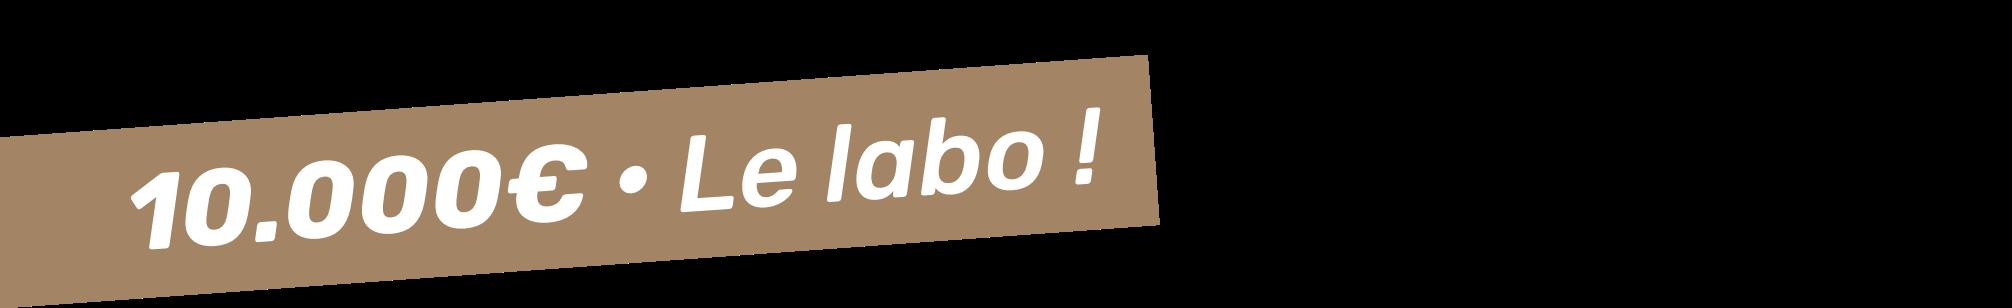 10000 euros - le labo